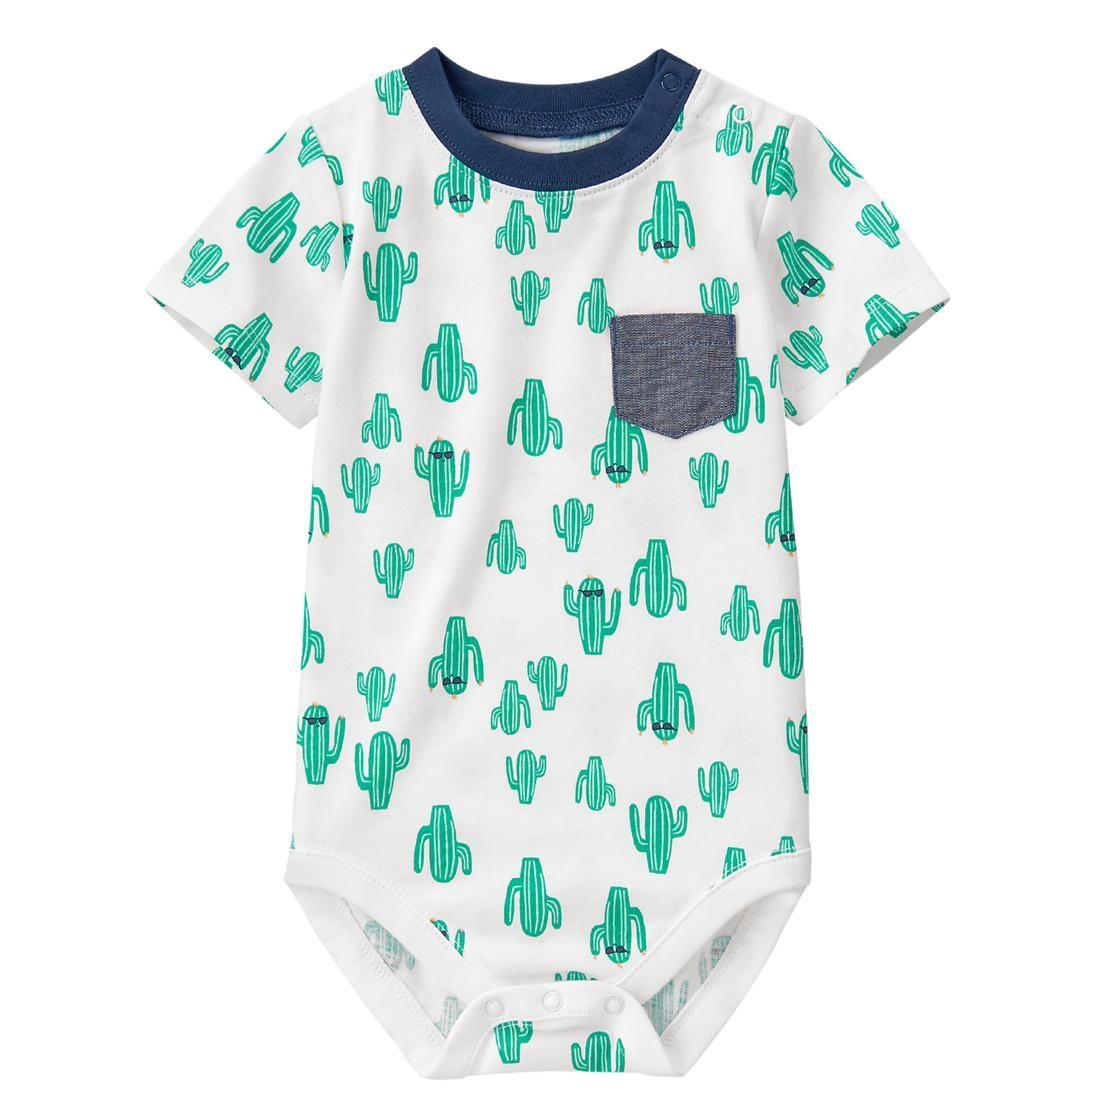 80f2de37f12b Baby Cactus Print Cactus Bodysuit by Gymboree